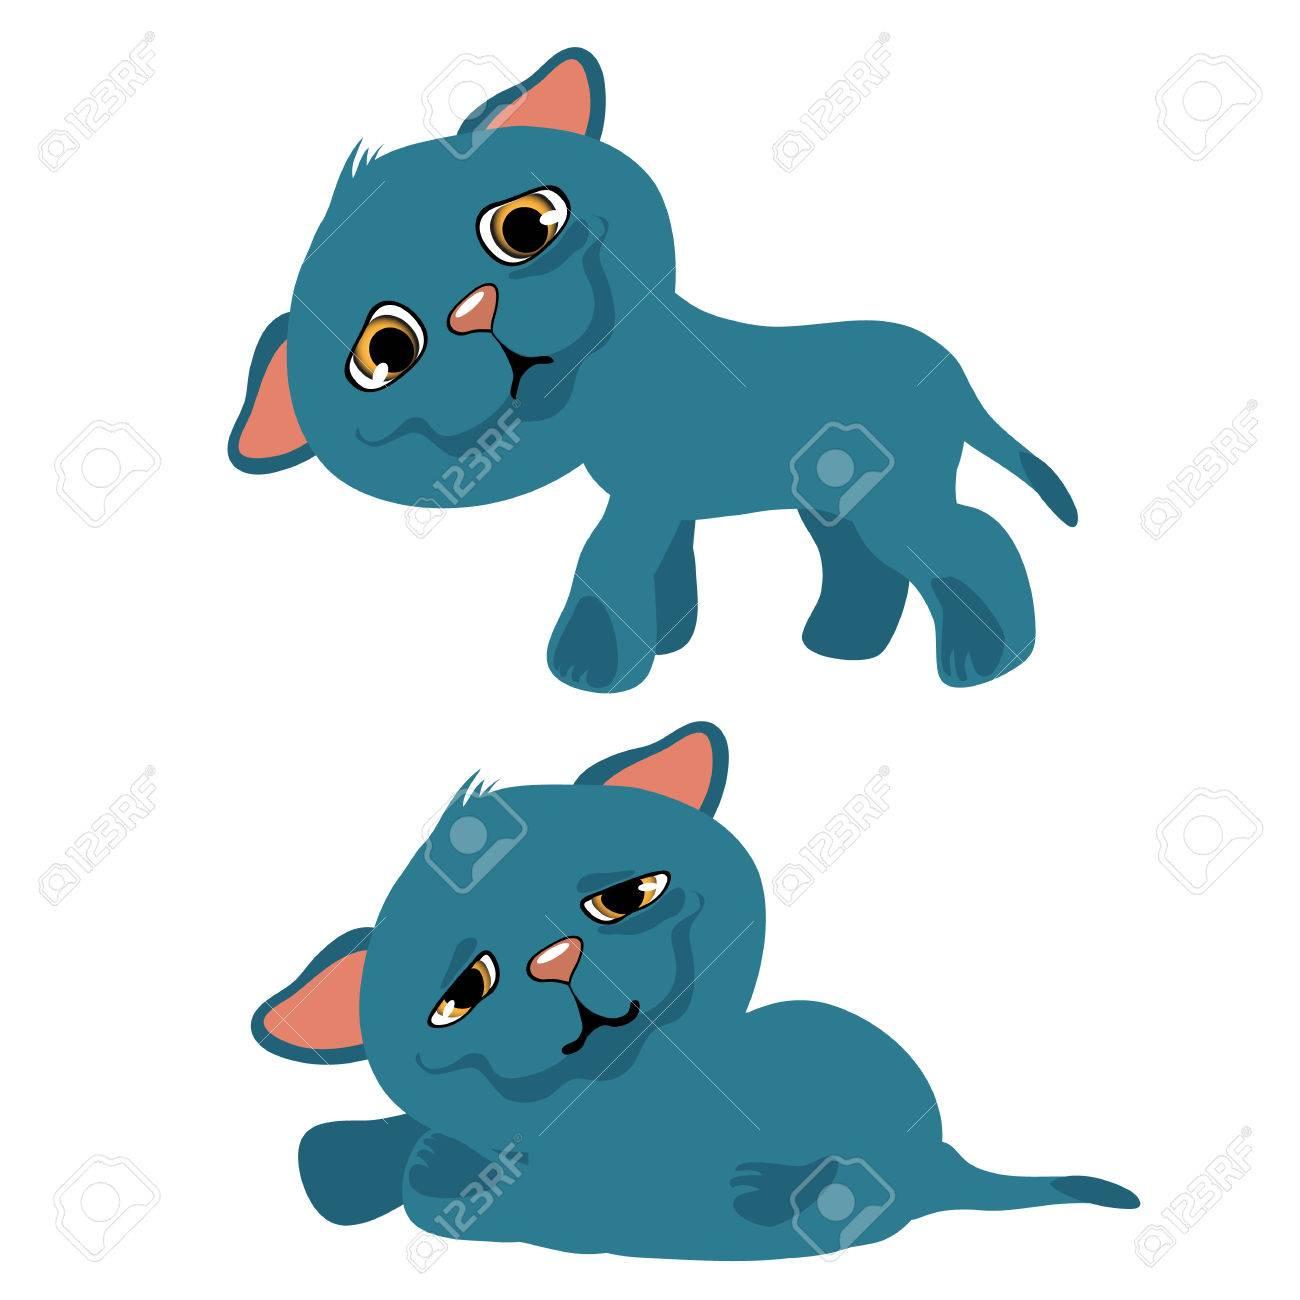 Minou Bleu Sad, Dessin Animé Vecteur. Animaux Isolés destiné Minou Dessin